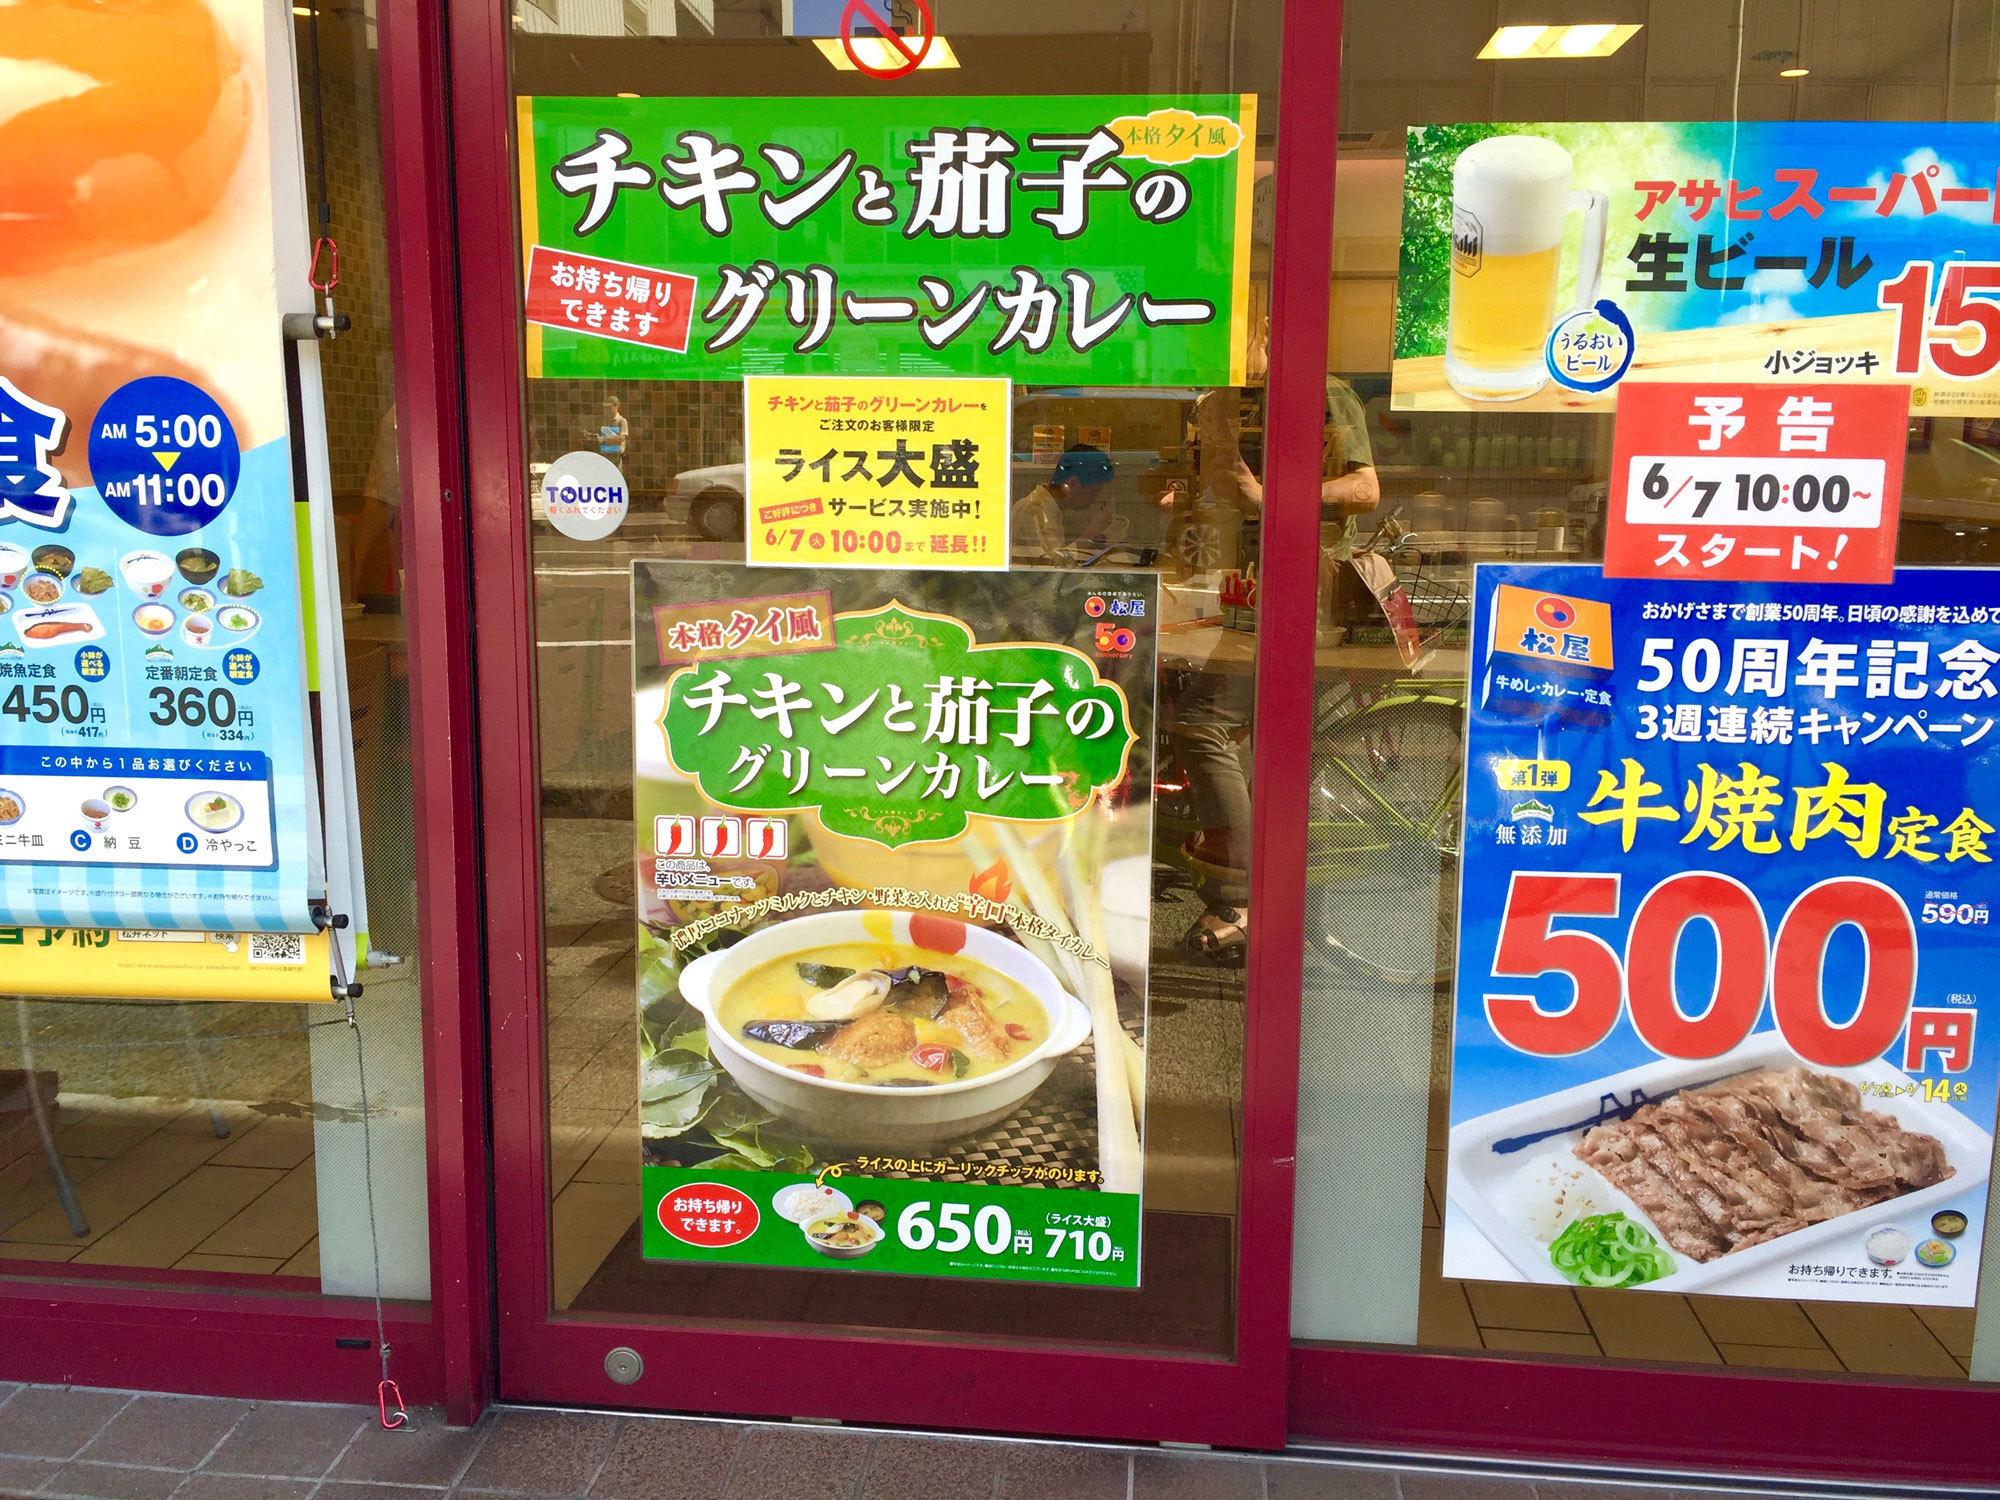 松屋の限定!『タイ風グリーンカレー』を食べてみた。